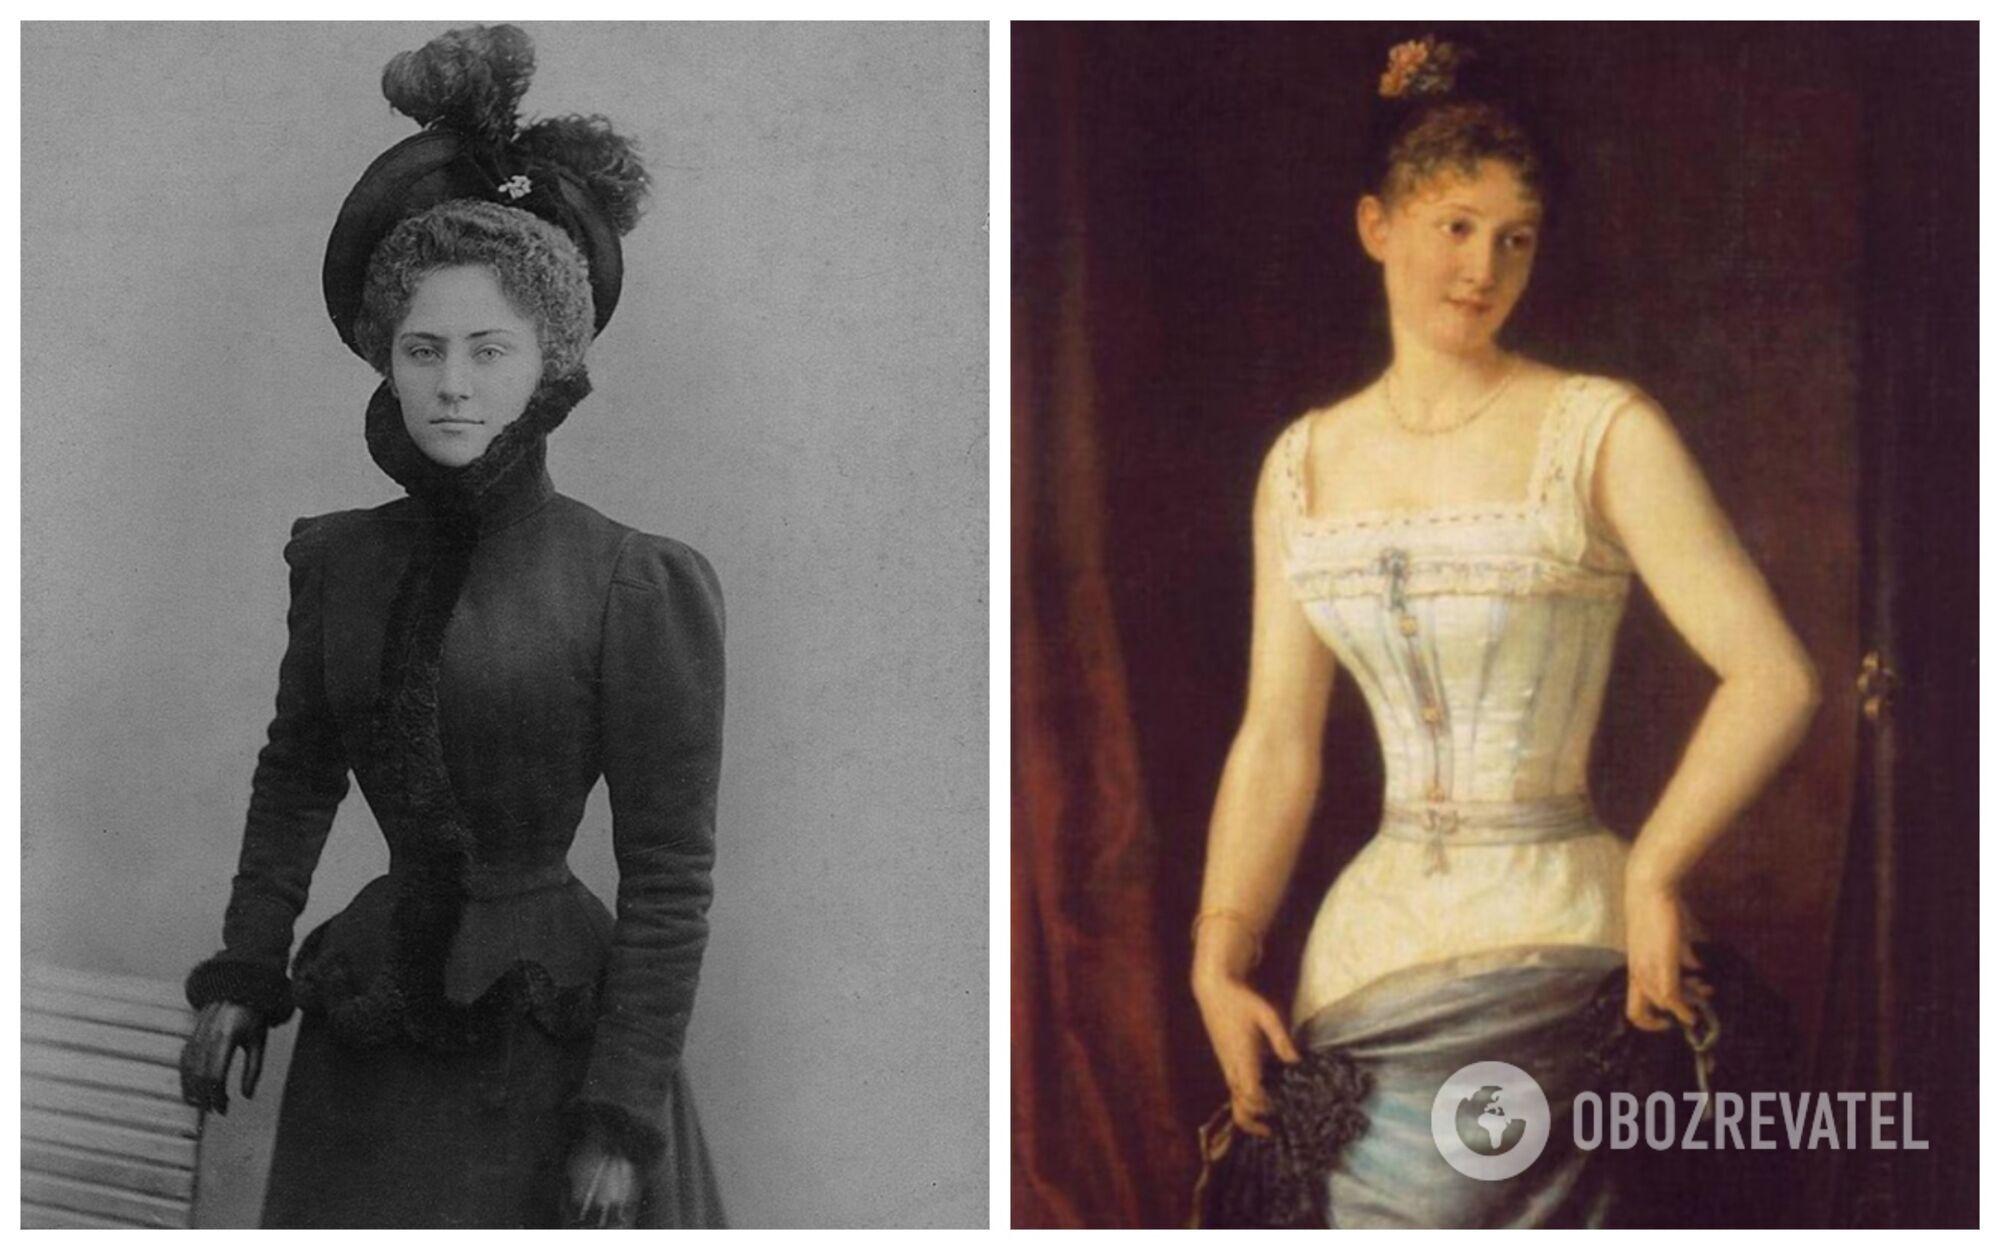 У 1900-і вважалися ідеалом краси жінки з талією 40 см